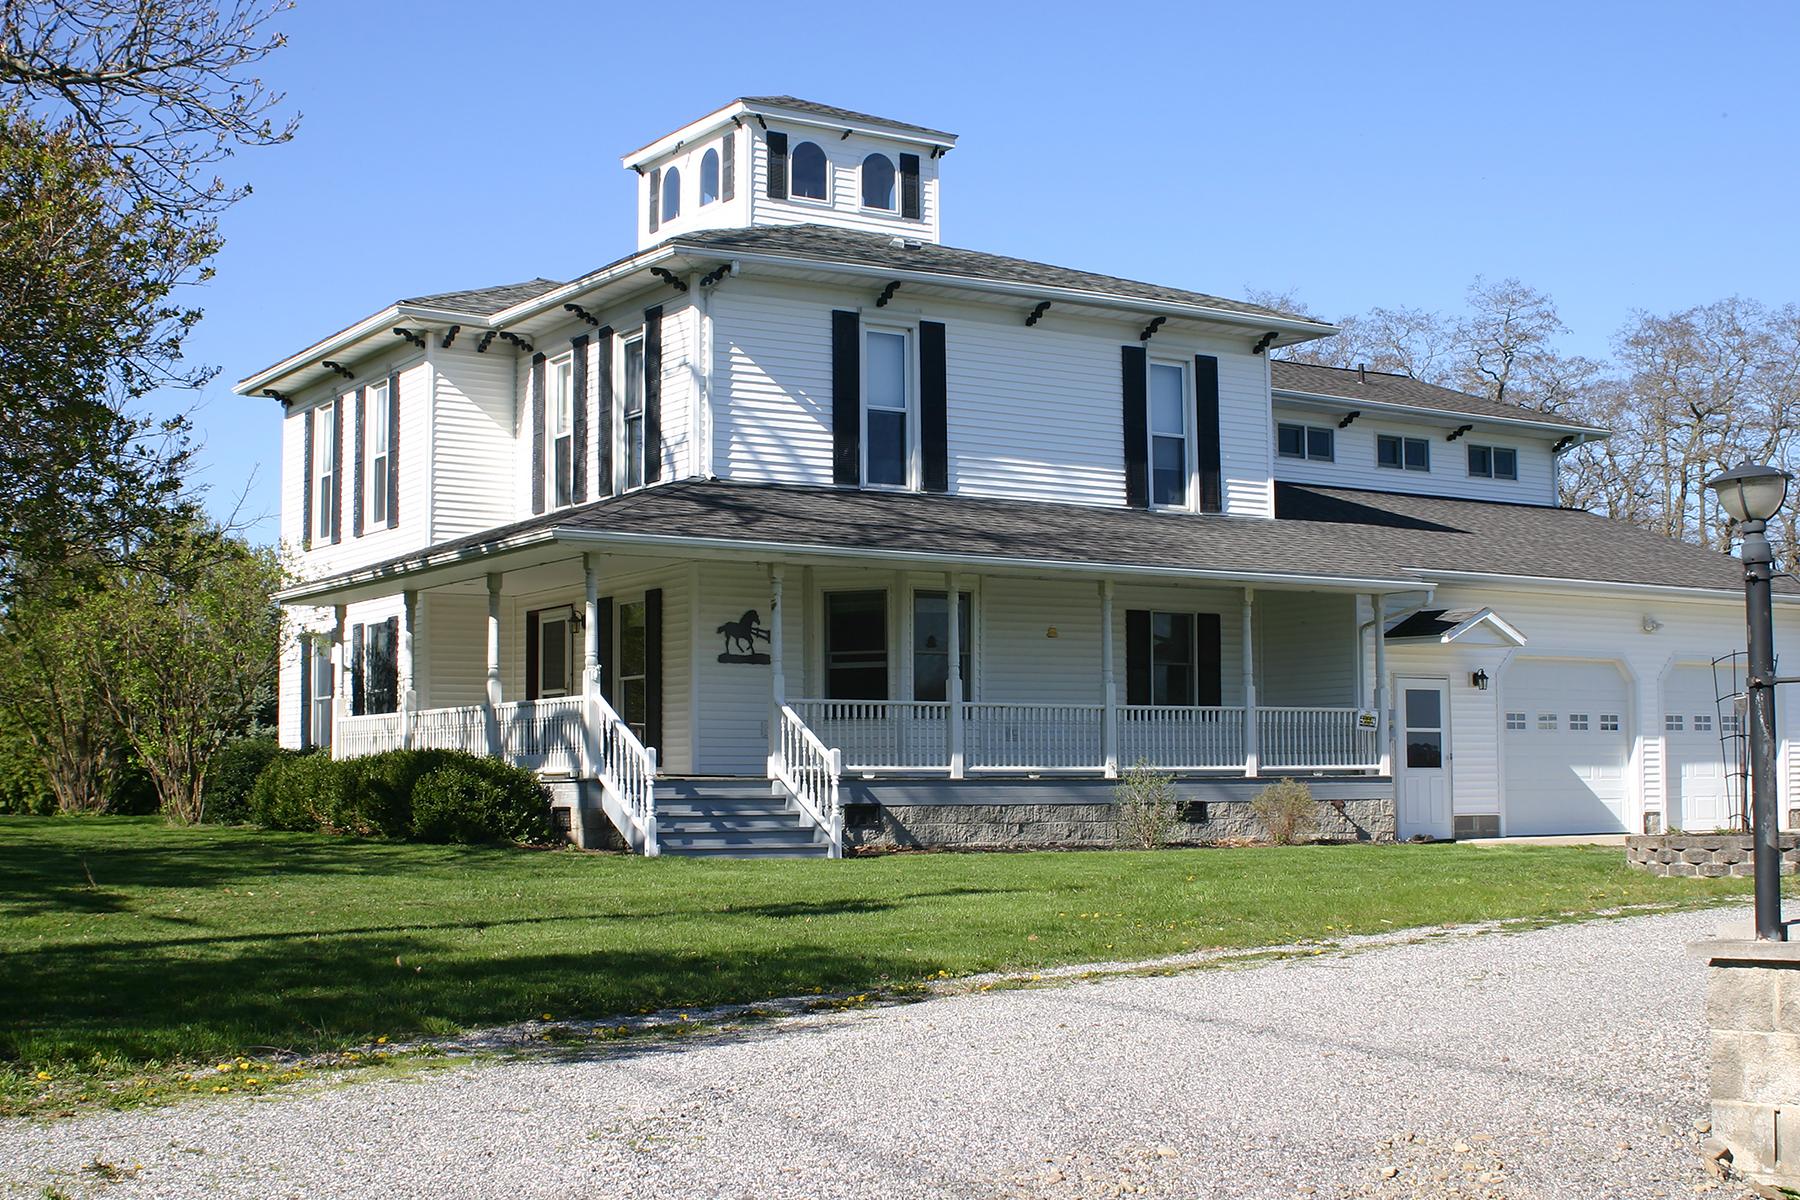 Casa Unifamiliar por un Venta en Dream Valley View Ranch and Resort 8983 & 899 Oakland Rd Nunda, Nueva York 14517 Estados Unidos